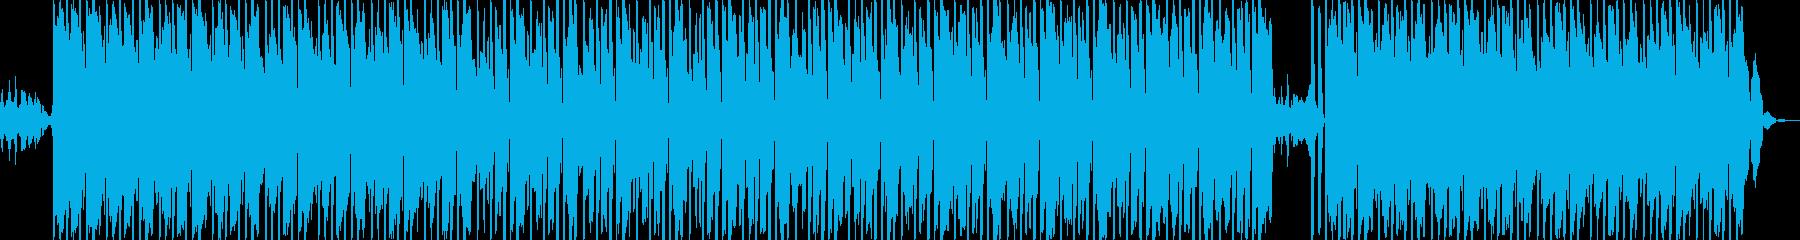 トラップ ヒップホップ R&B ギ...の再生済みの波形